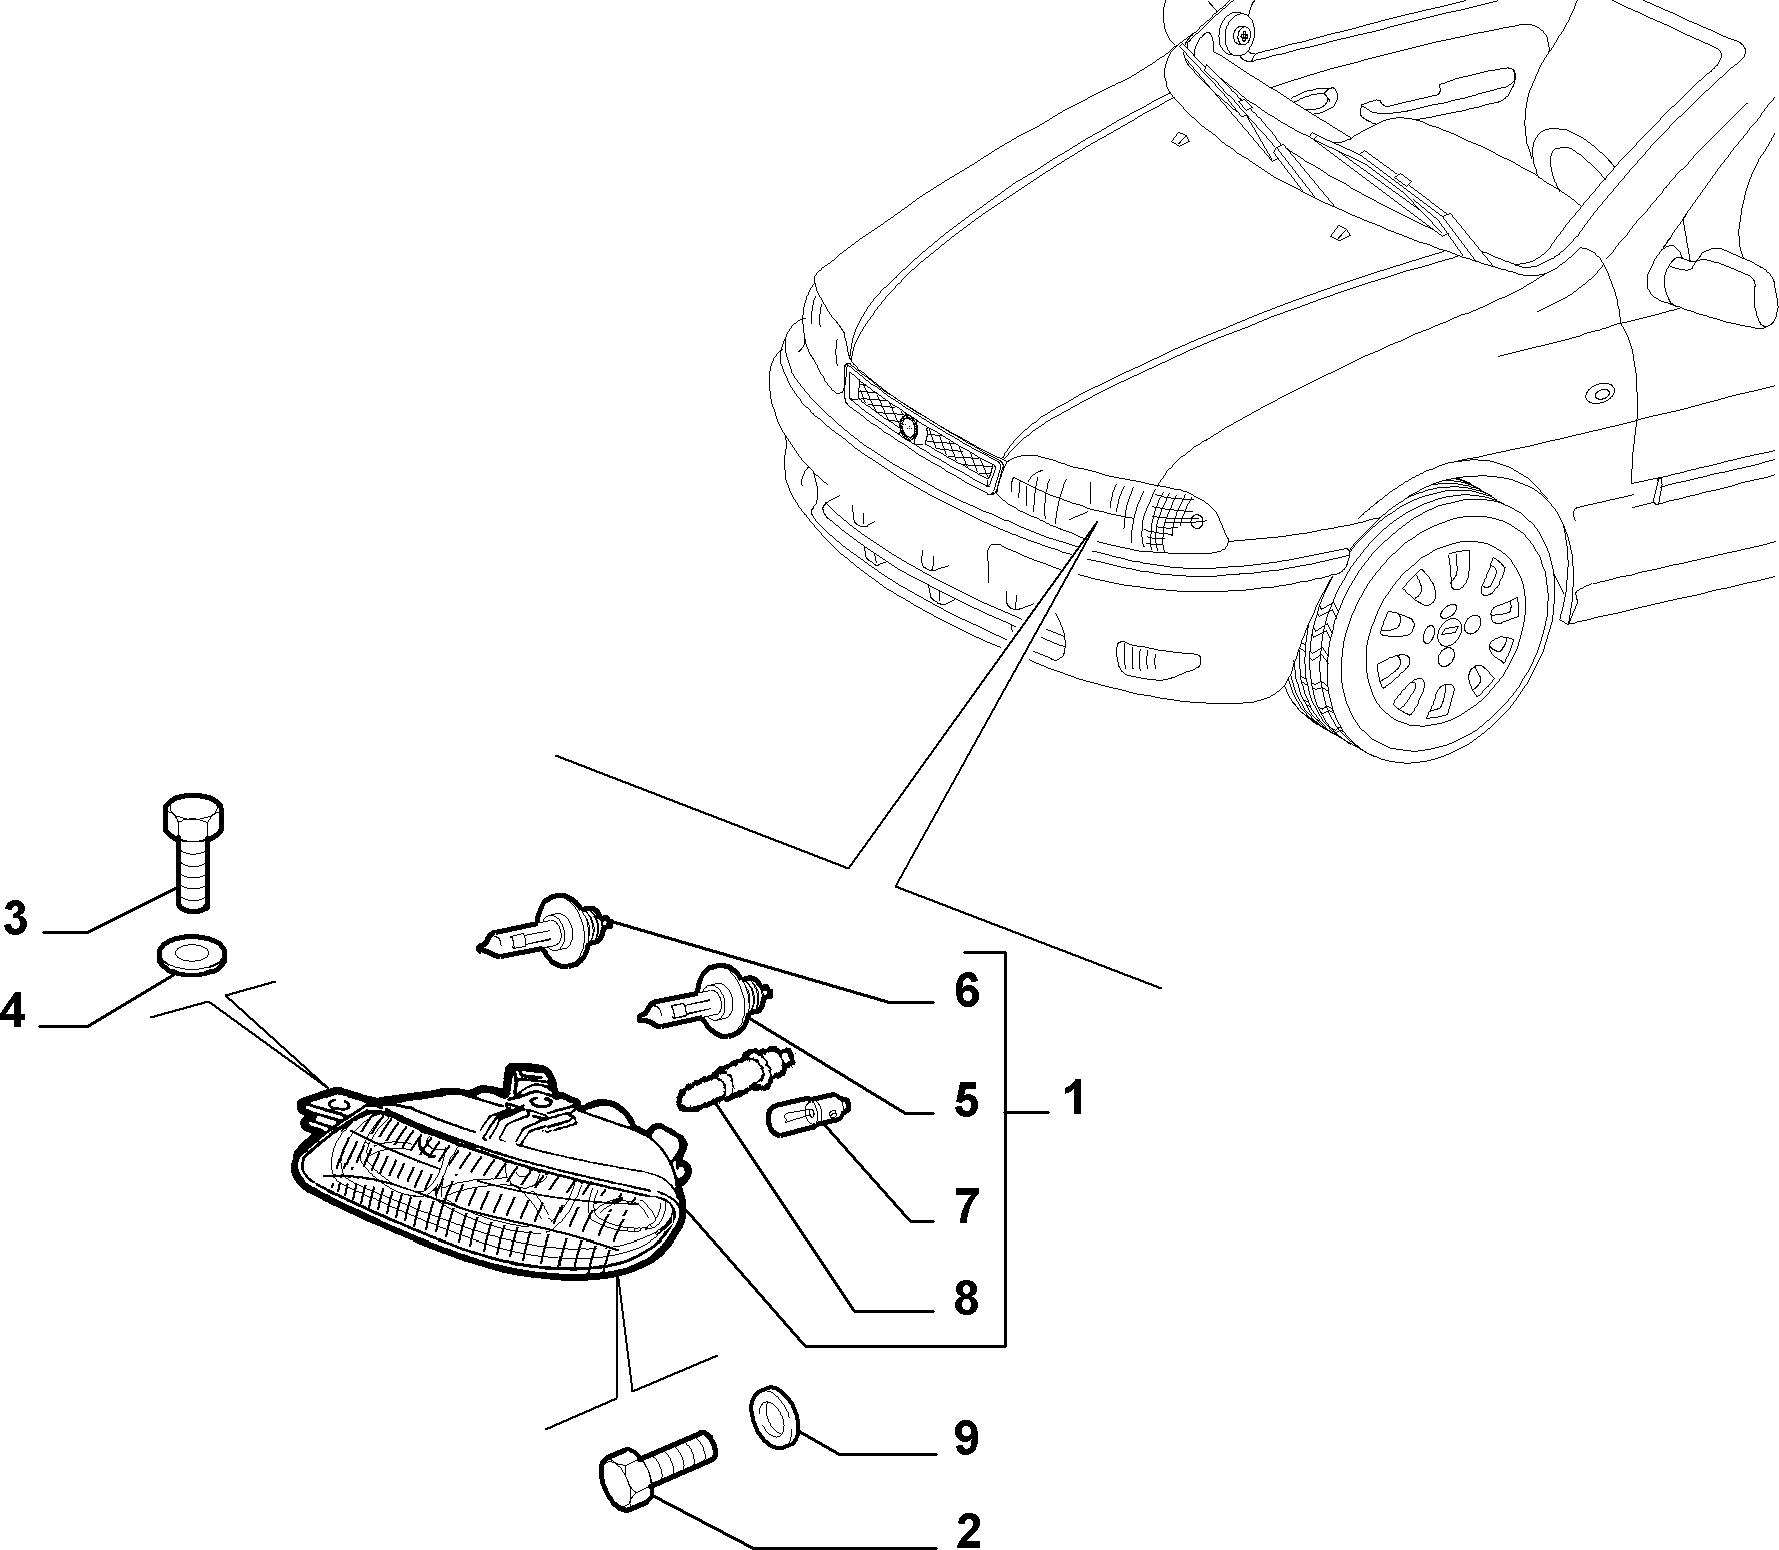 55401/08 НАРУЖНОЕ ОСВЕЩЕНИЕ